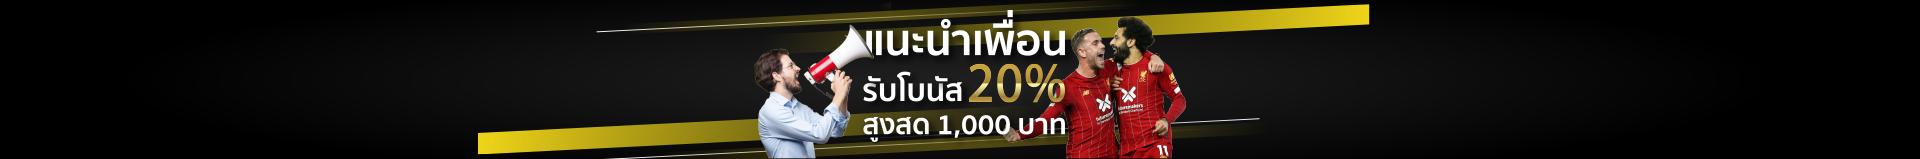 ชวนเพื่อนสมัคร ufabet รับโบนัสเพิ่ม 20%